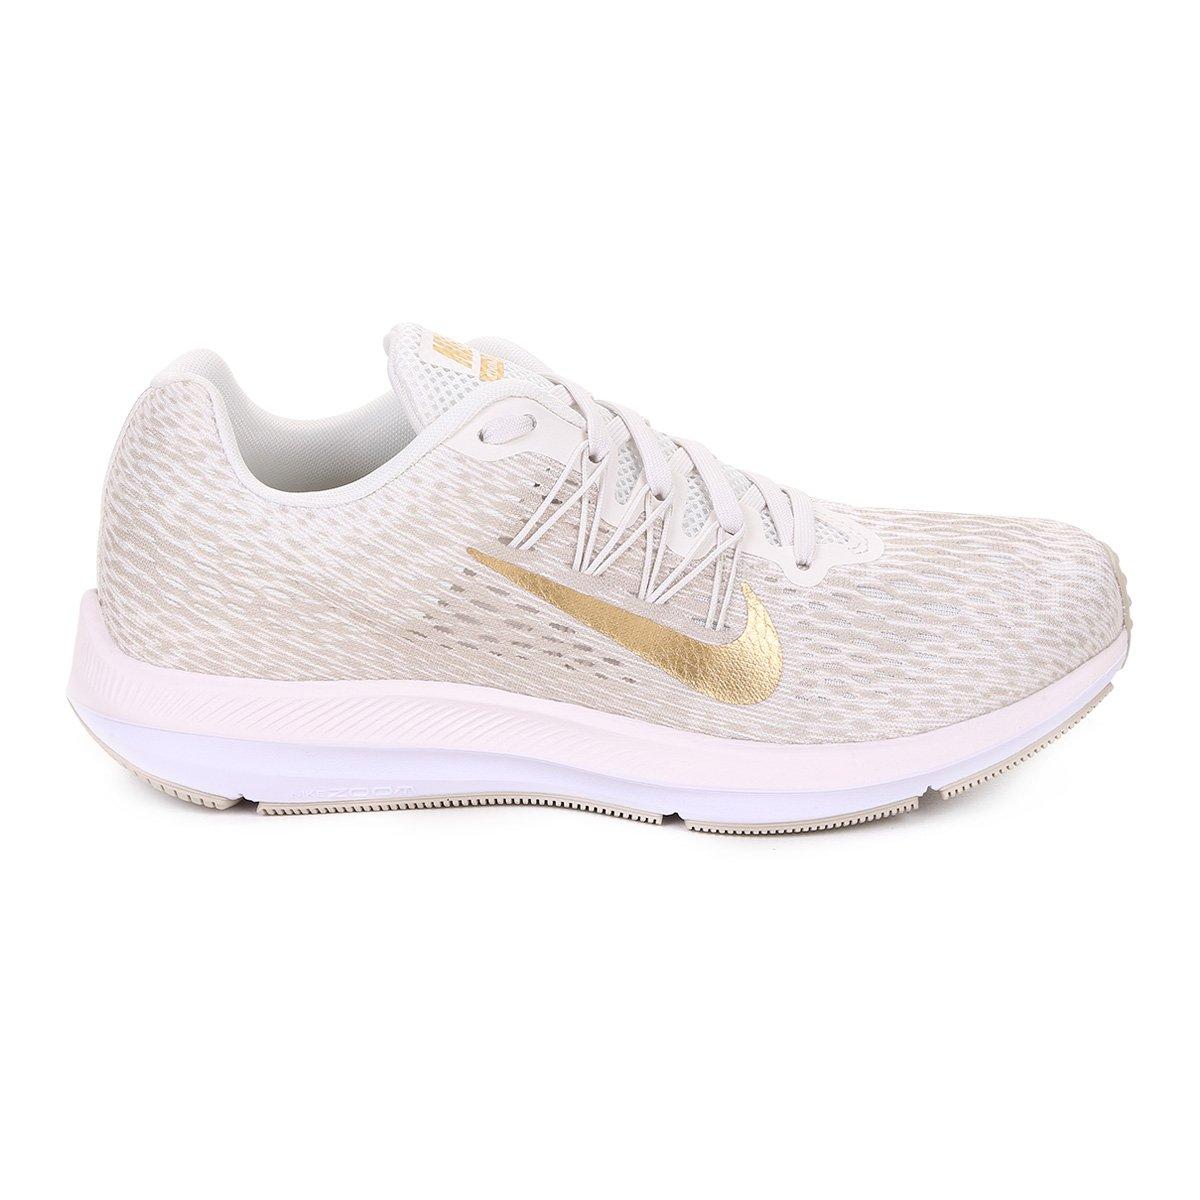 Tênis Nike WMNS Zoom Winflo 5 Feminino - Bege e Dourado - Compre . 00e49351b2528